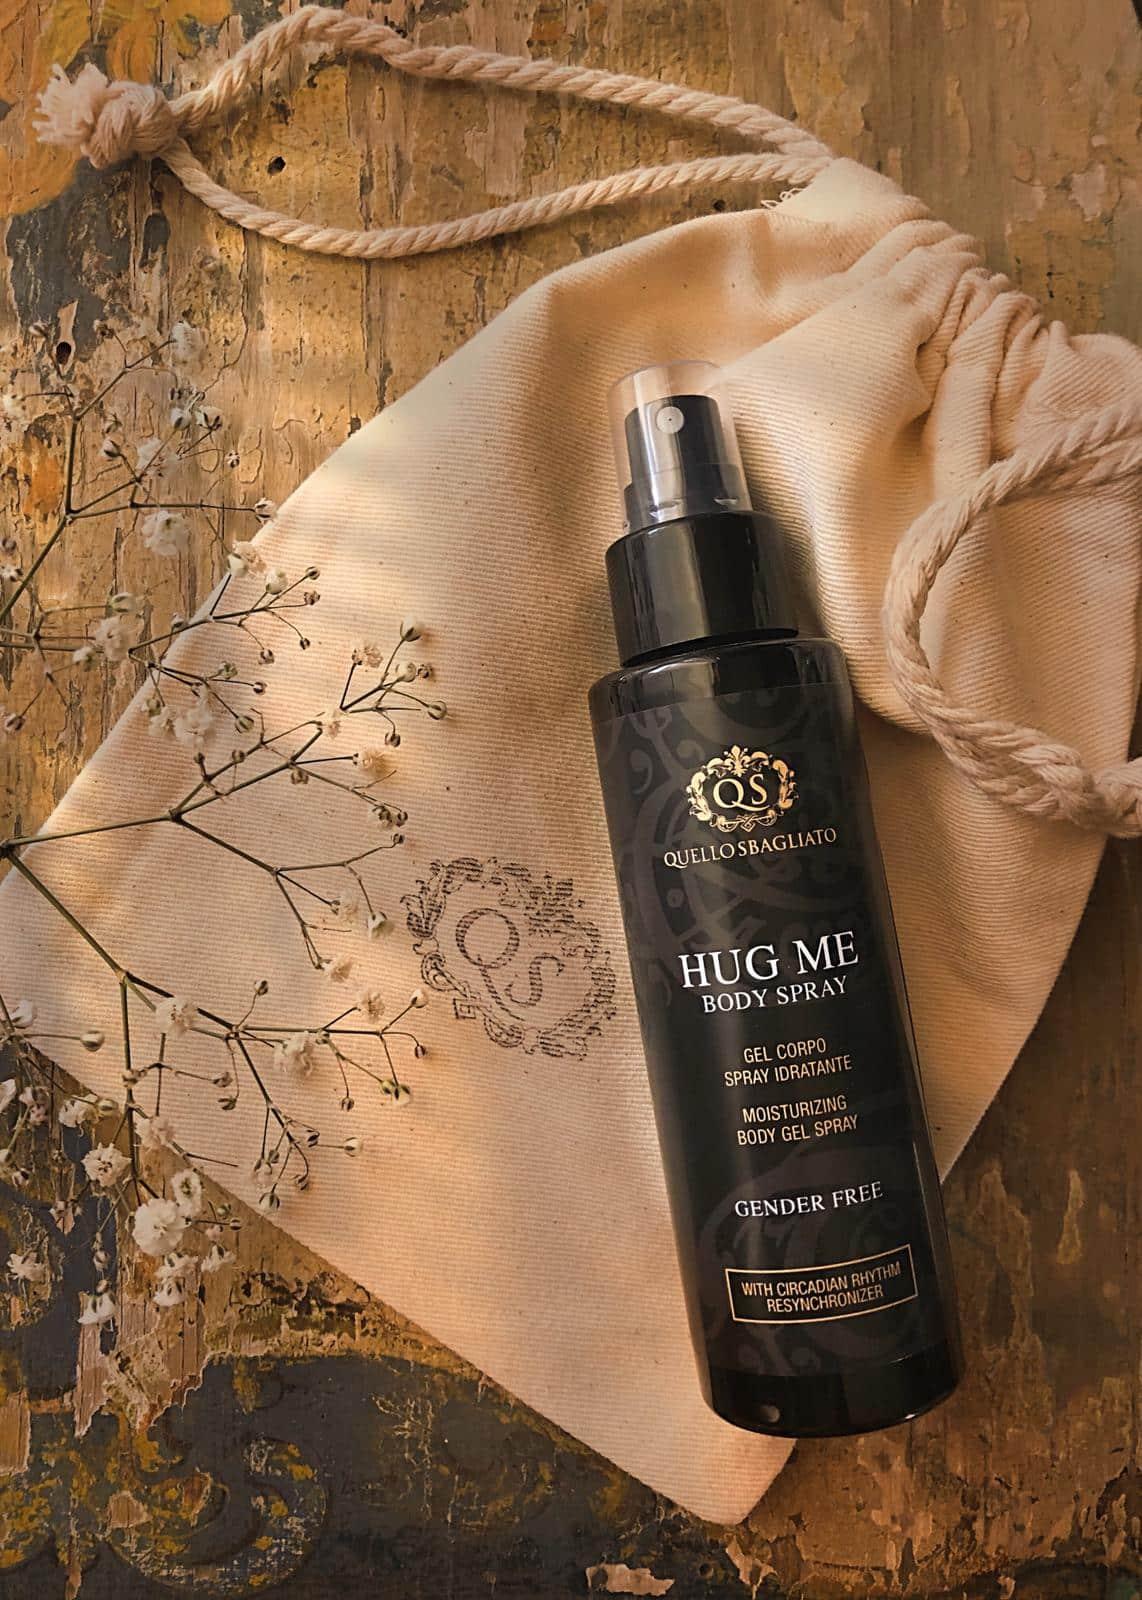 Gel corpo spray idratante a rapido assorbimento per uomo e donna super profumato